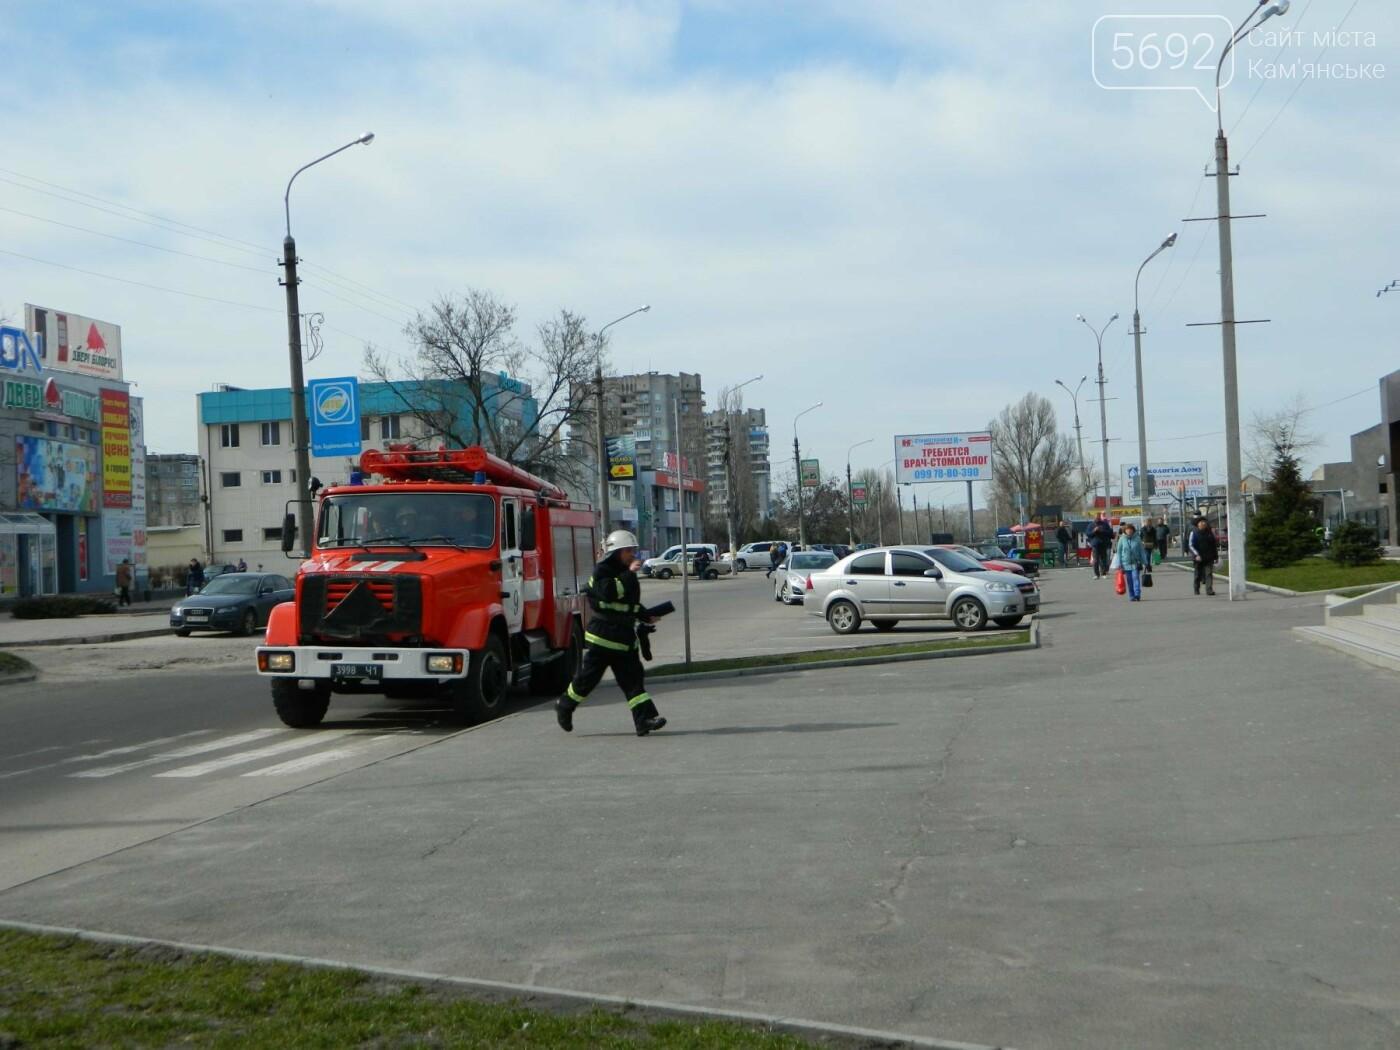 В ТРЦ TERRA спасатели ликвидировали условный пожар, фото-10